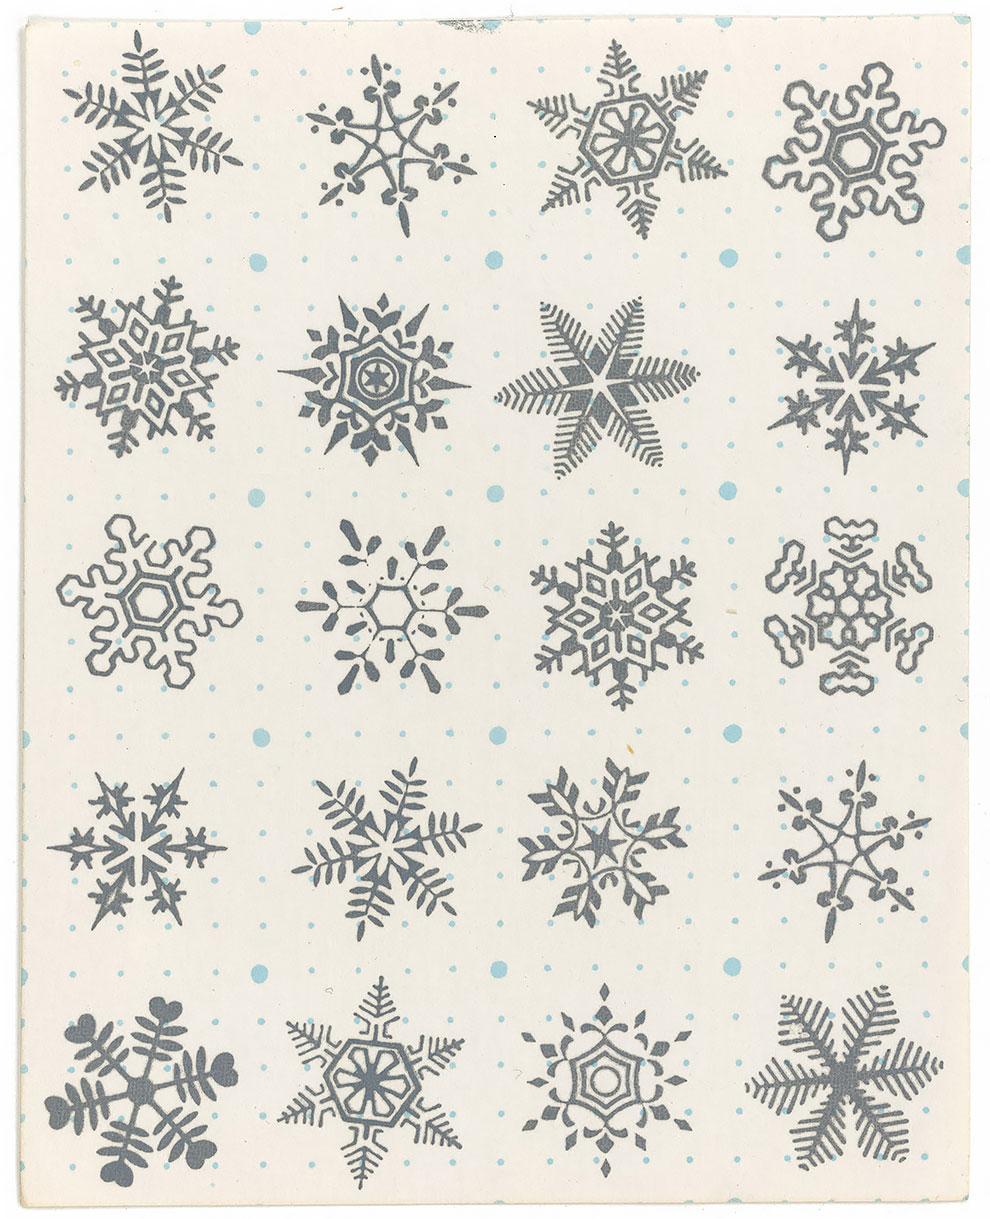 גלויות אסיד LSD פתיתי שלג